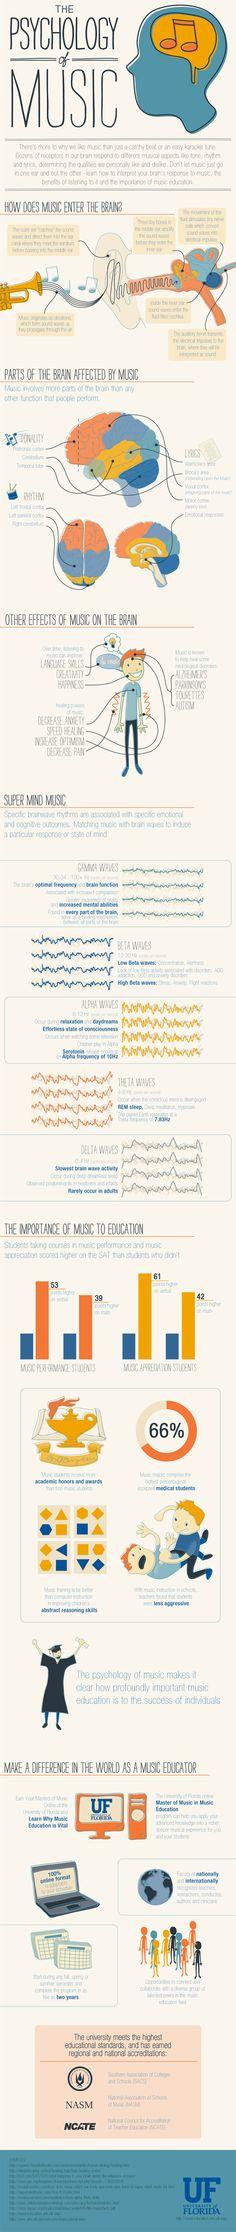 [infographie] La psychologie de la musique